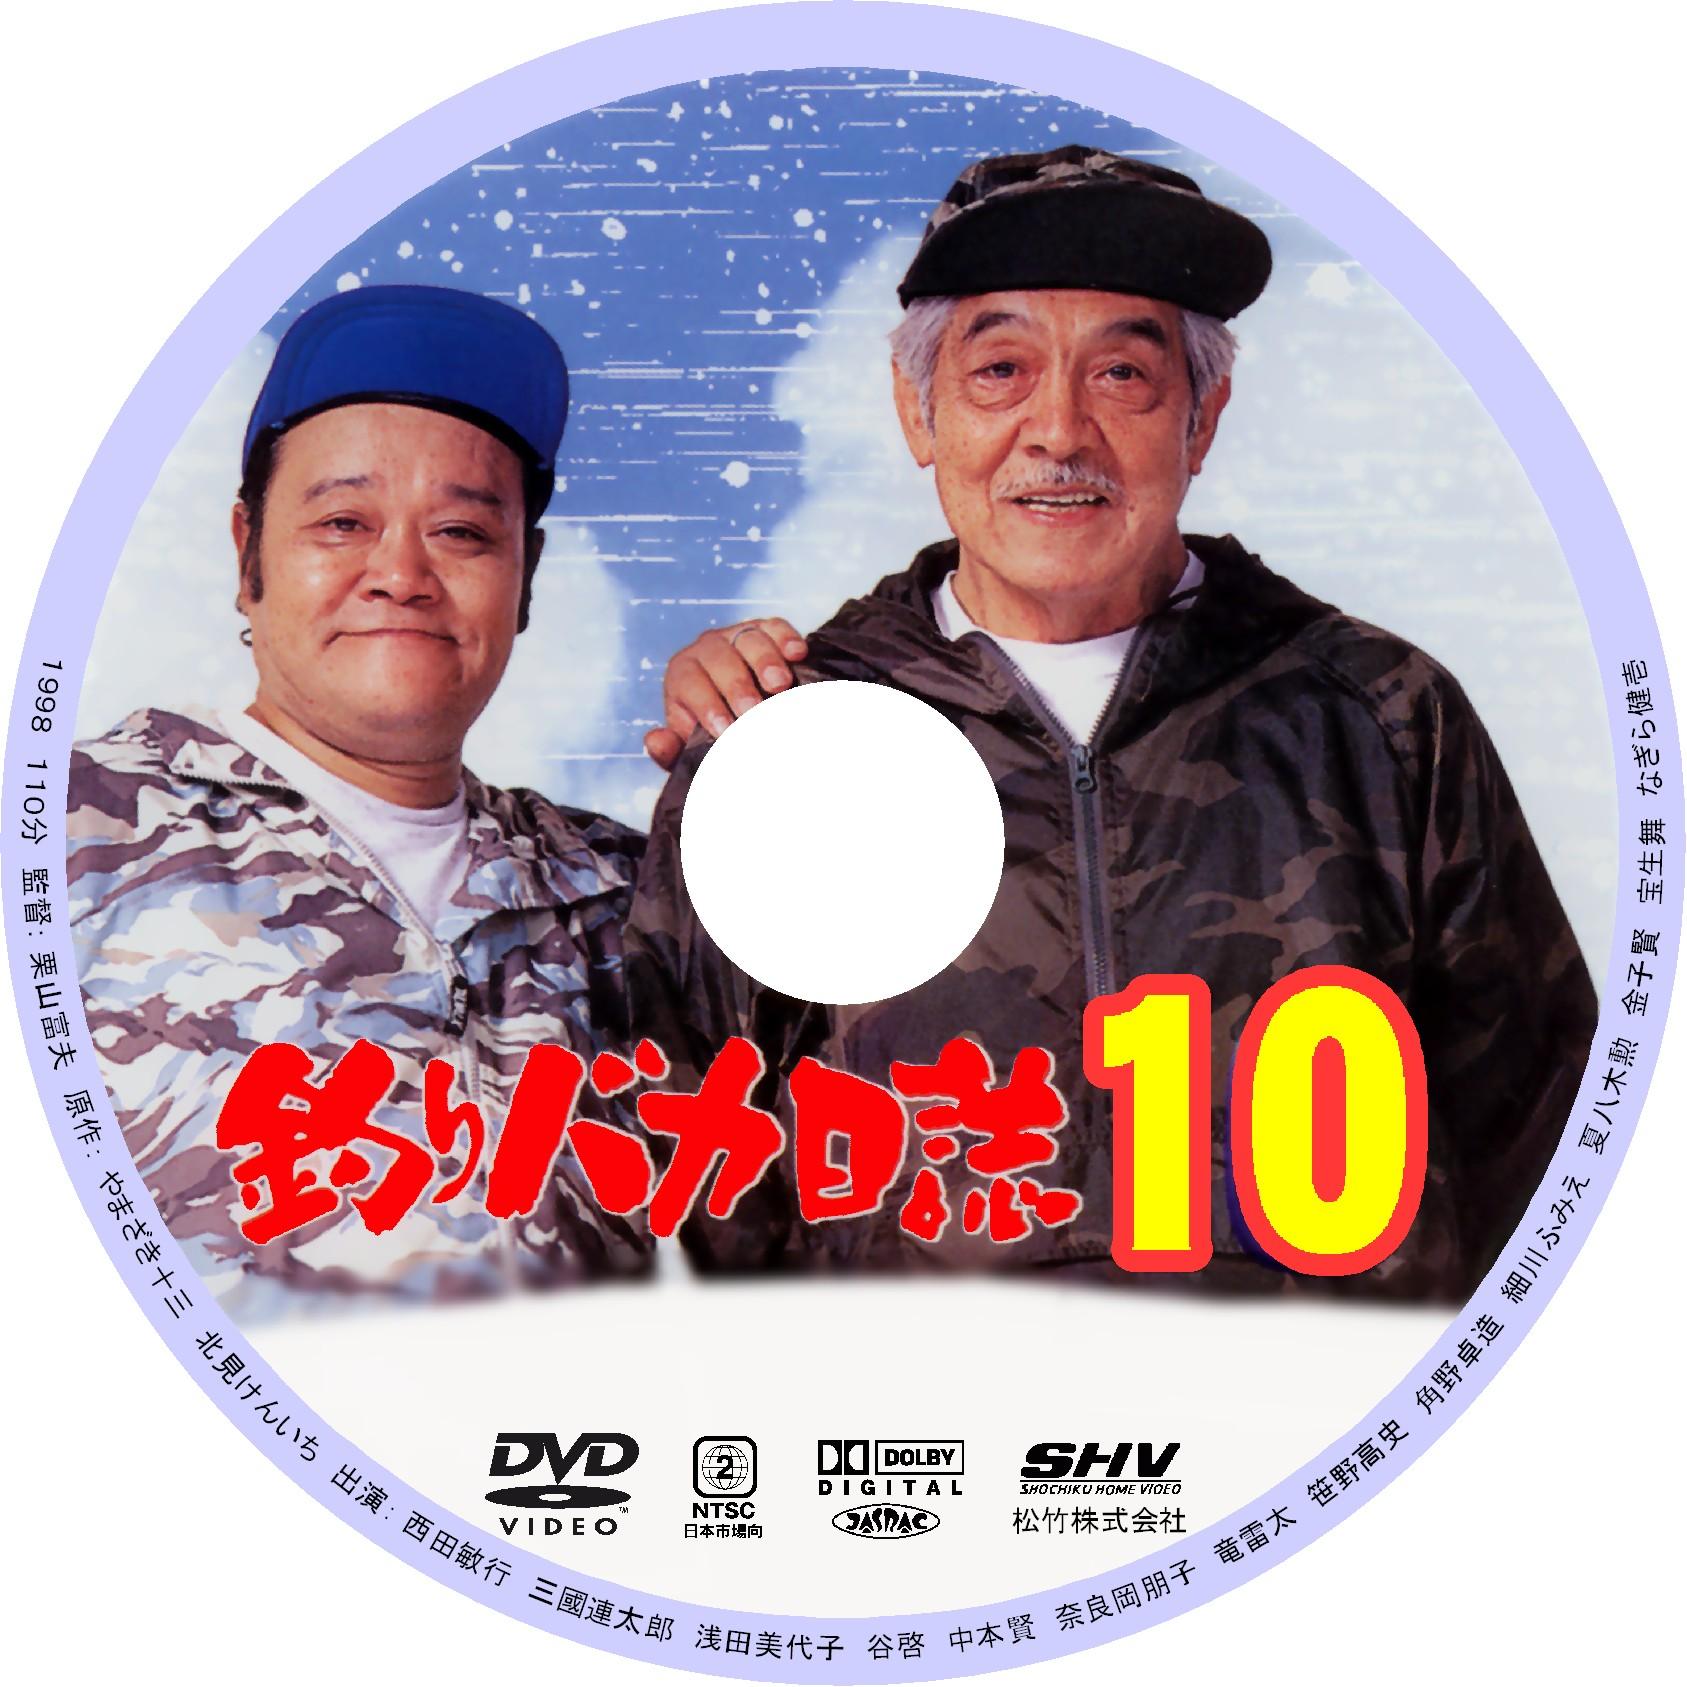 釣りバカ日誌10 : DVDデータベー...